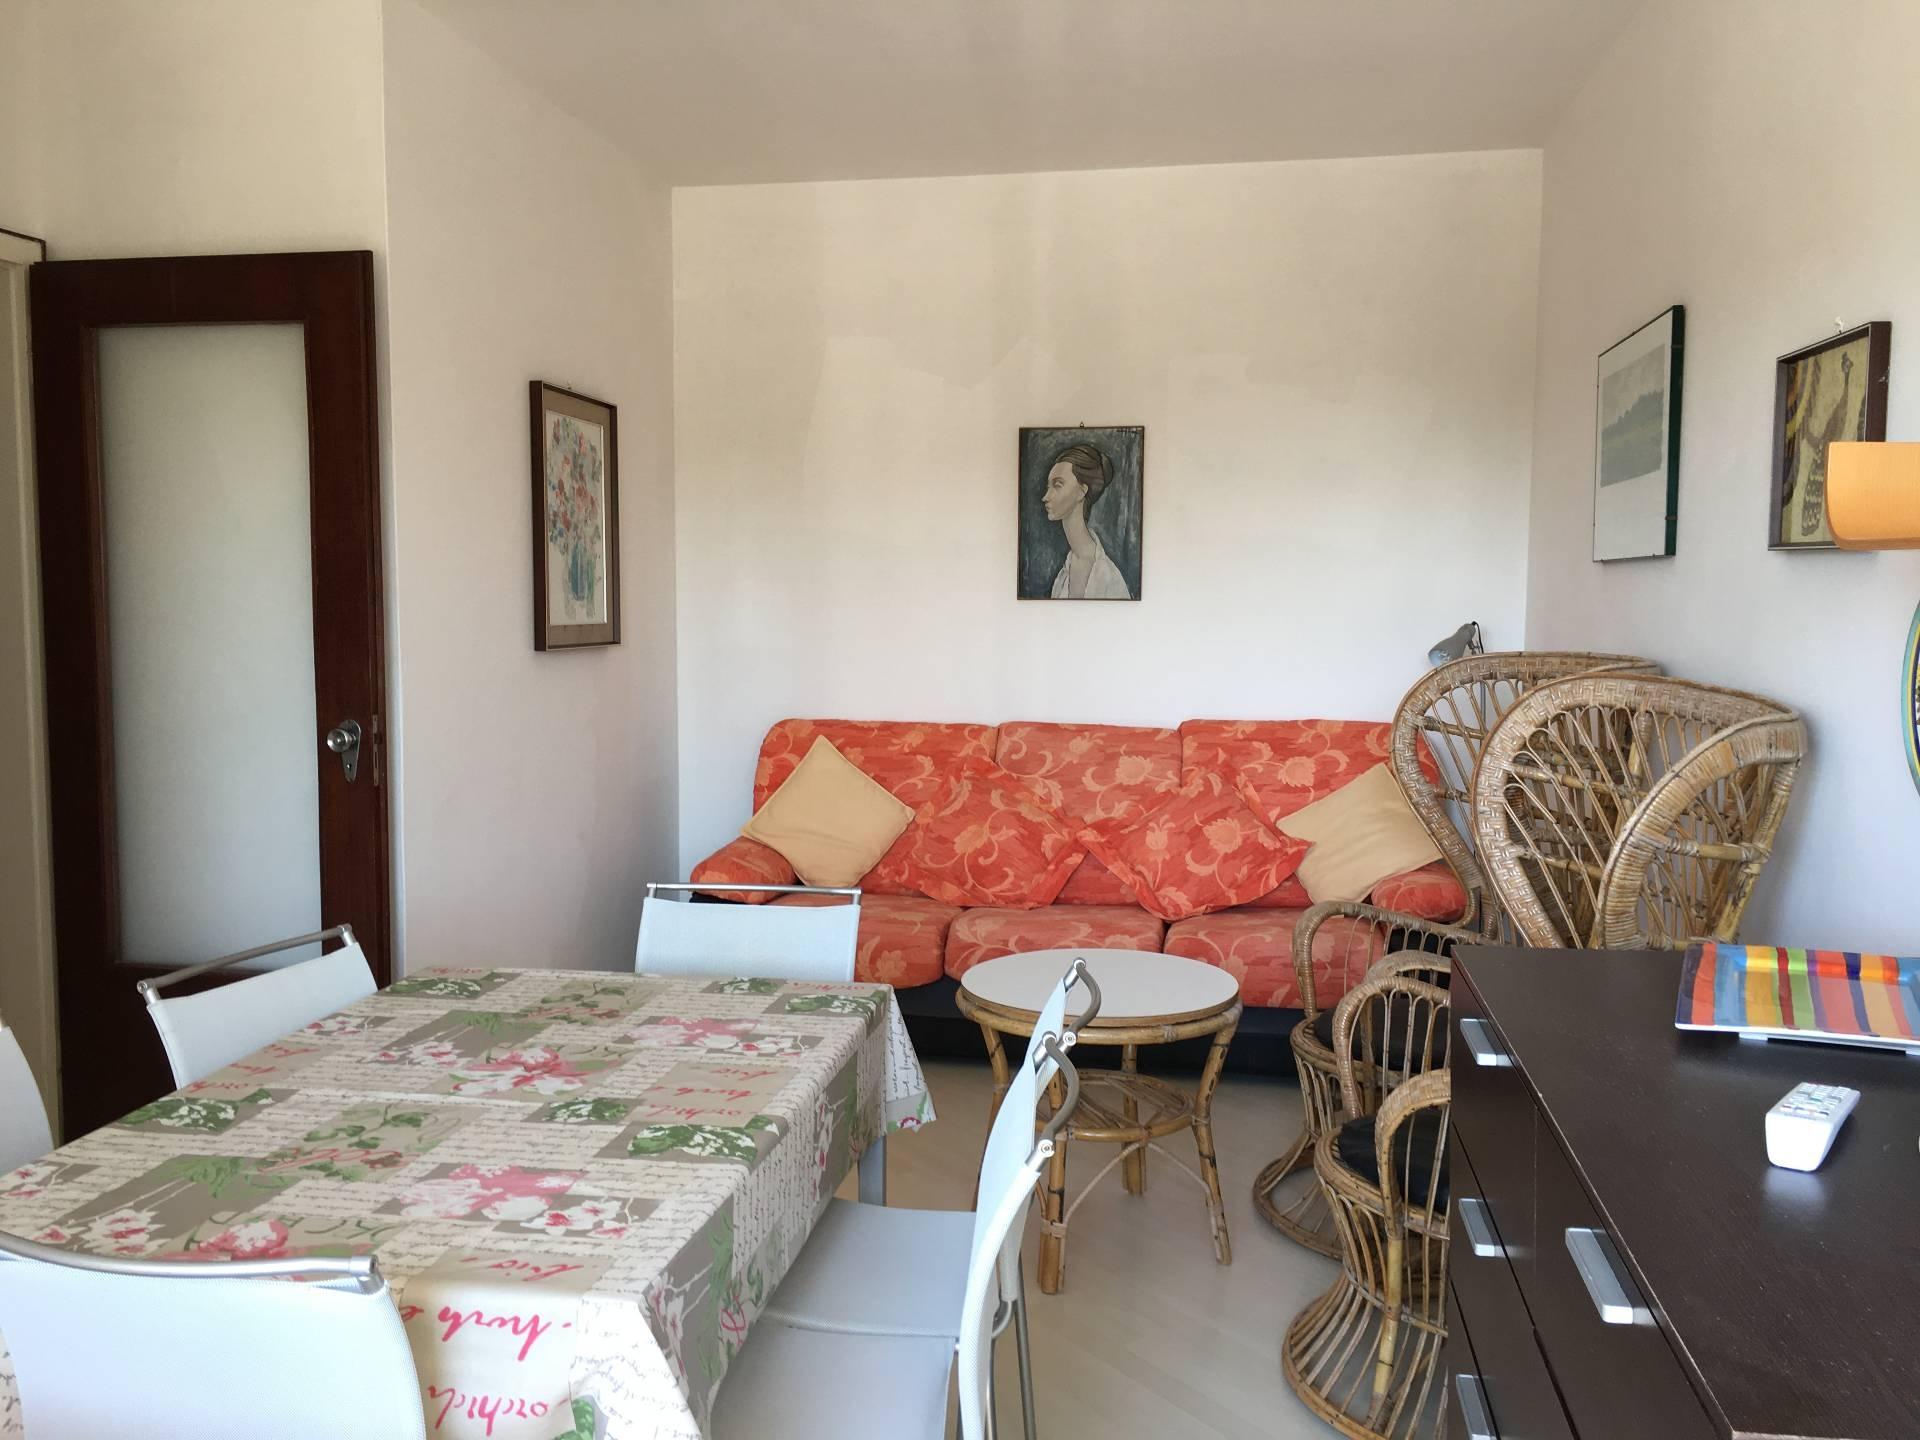 Appartamento in vendita a Lignano Sabbiadoro, 3 locali, prezzo € 240.000 | PortaleAgenzieImmobiliari.it